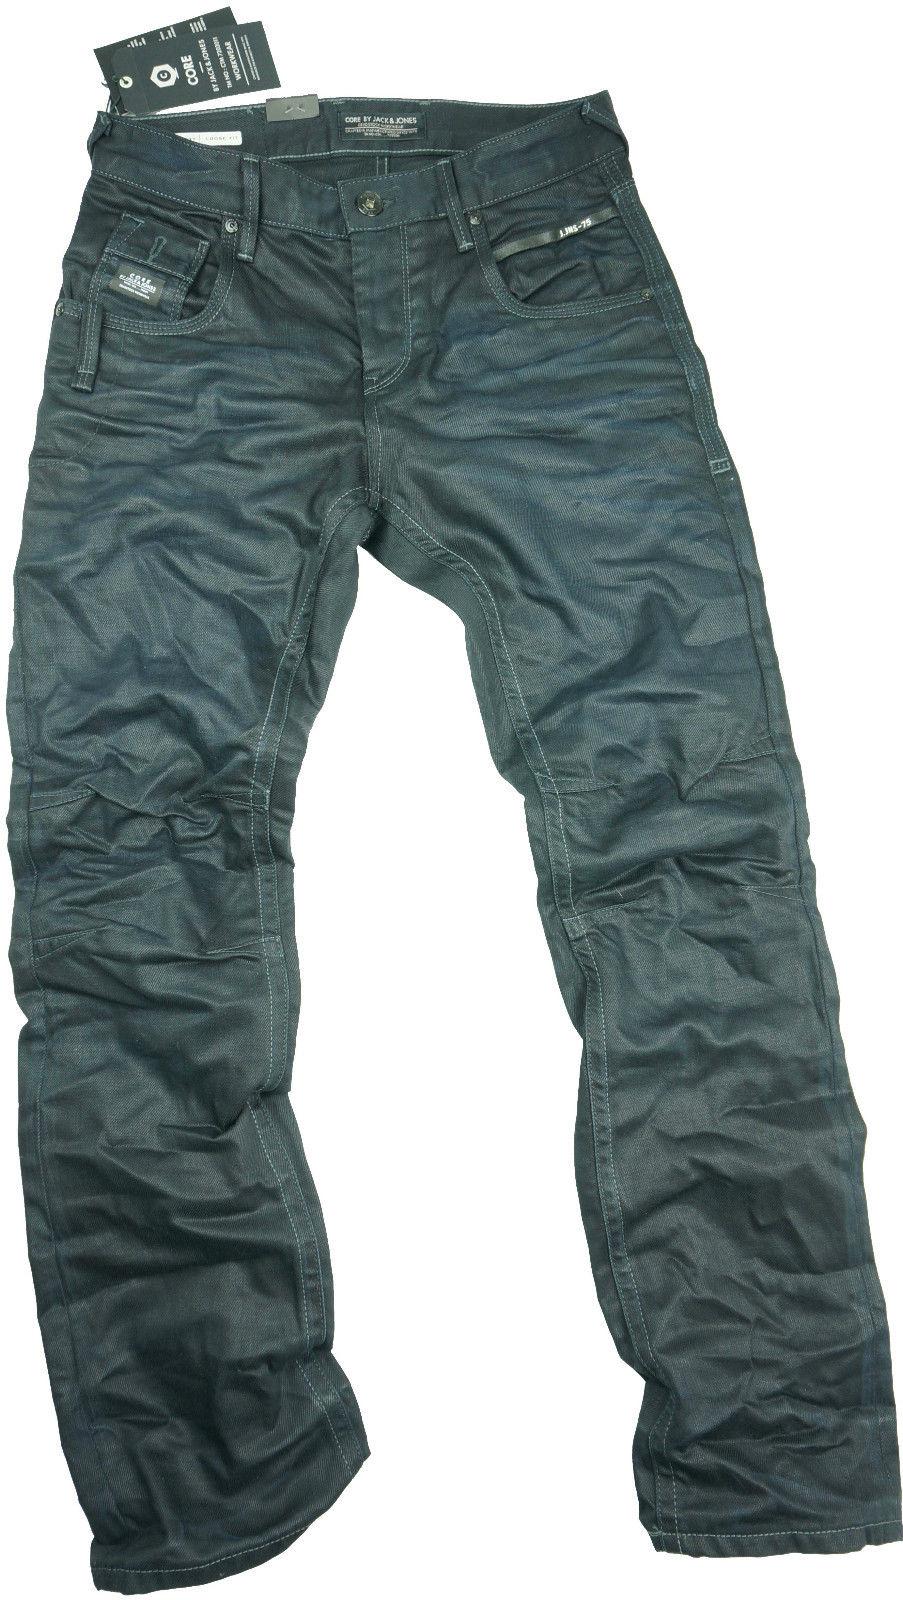 boxy powel jj 730 anti loose fit men herren jeans hose neu ebay. Black Bedroom Furniture Sets. Home Design Ideas